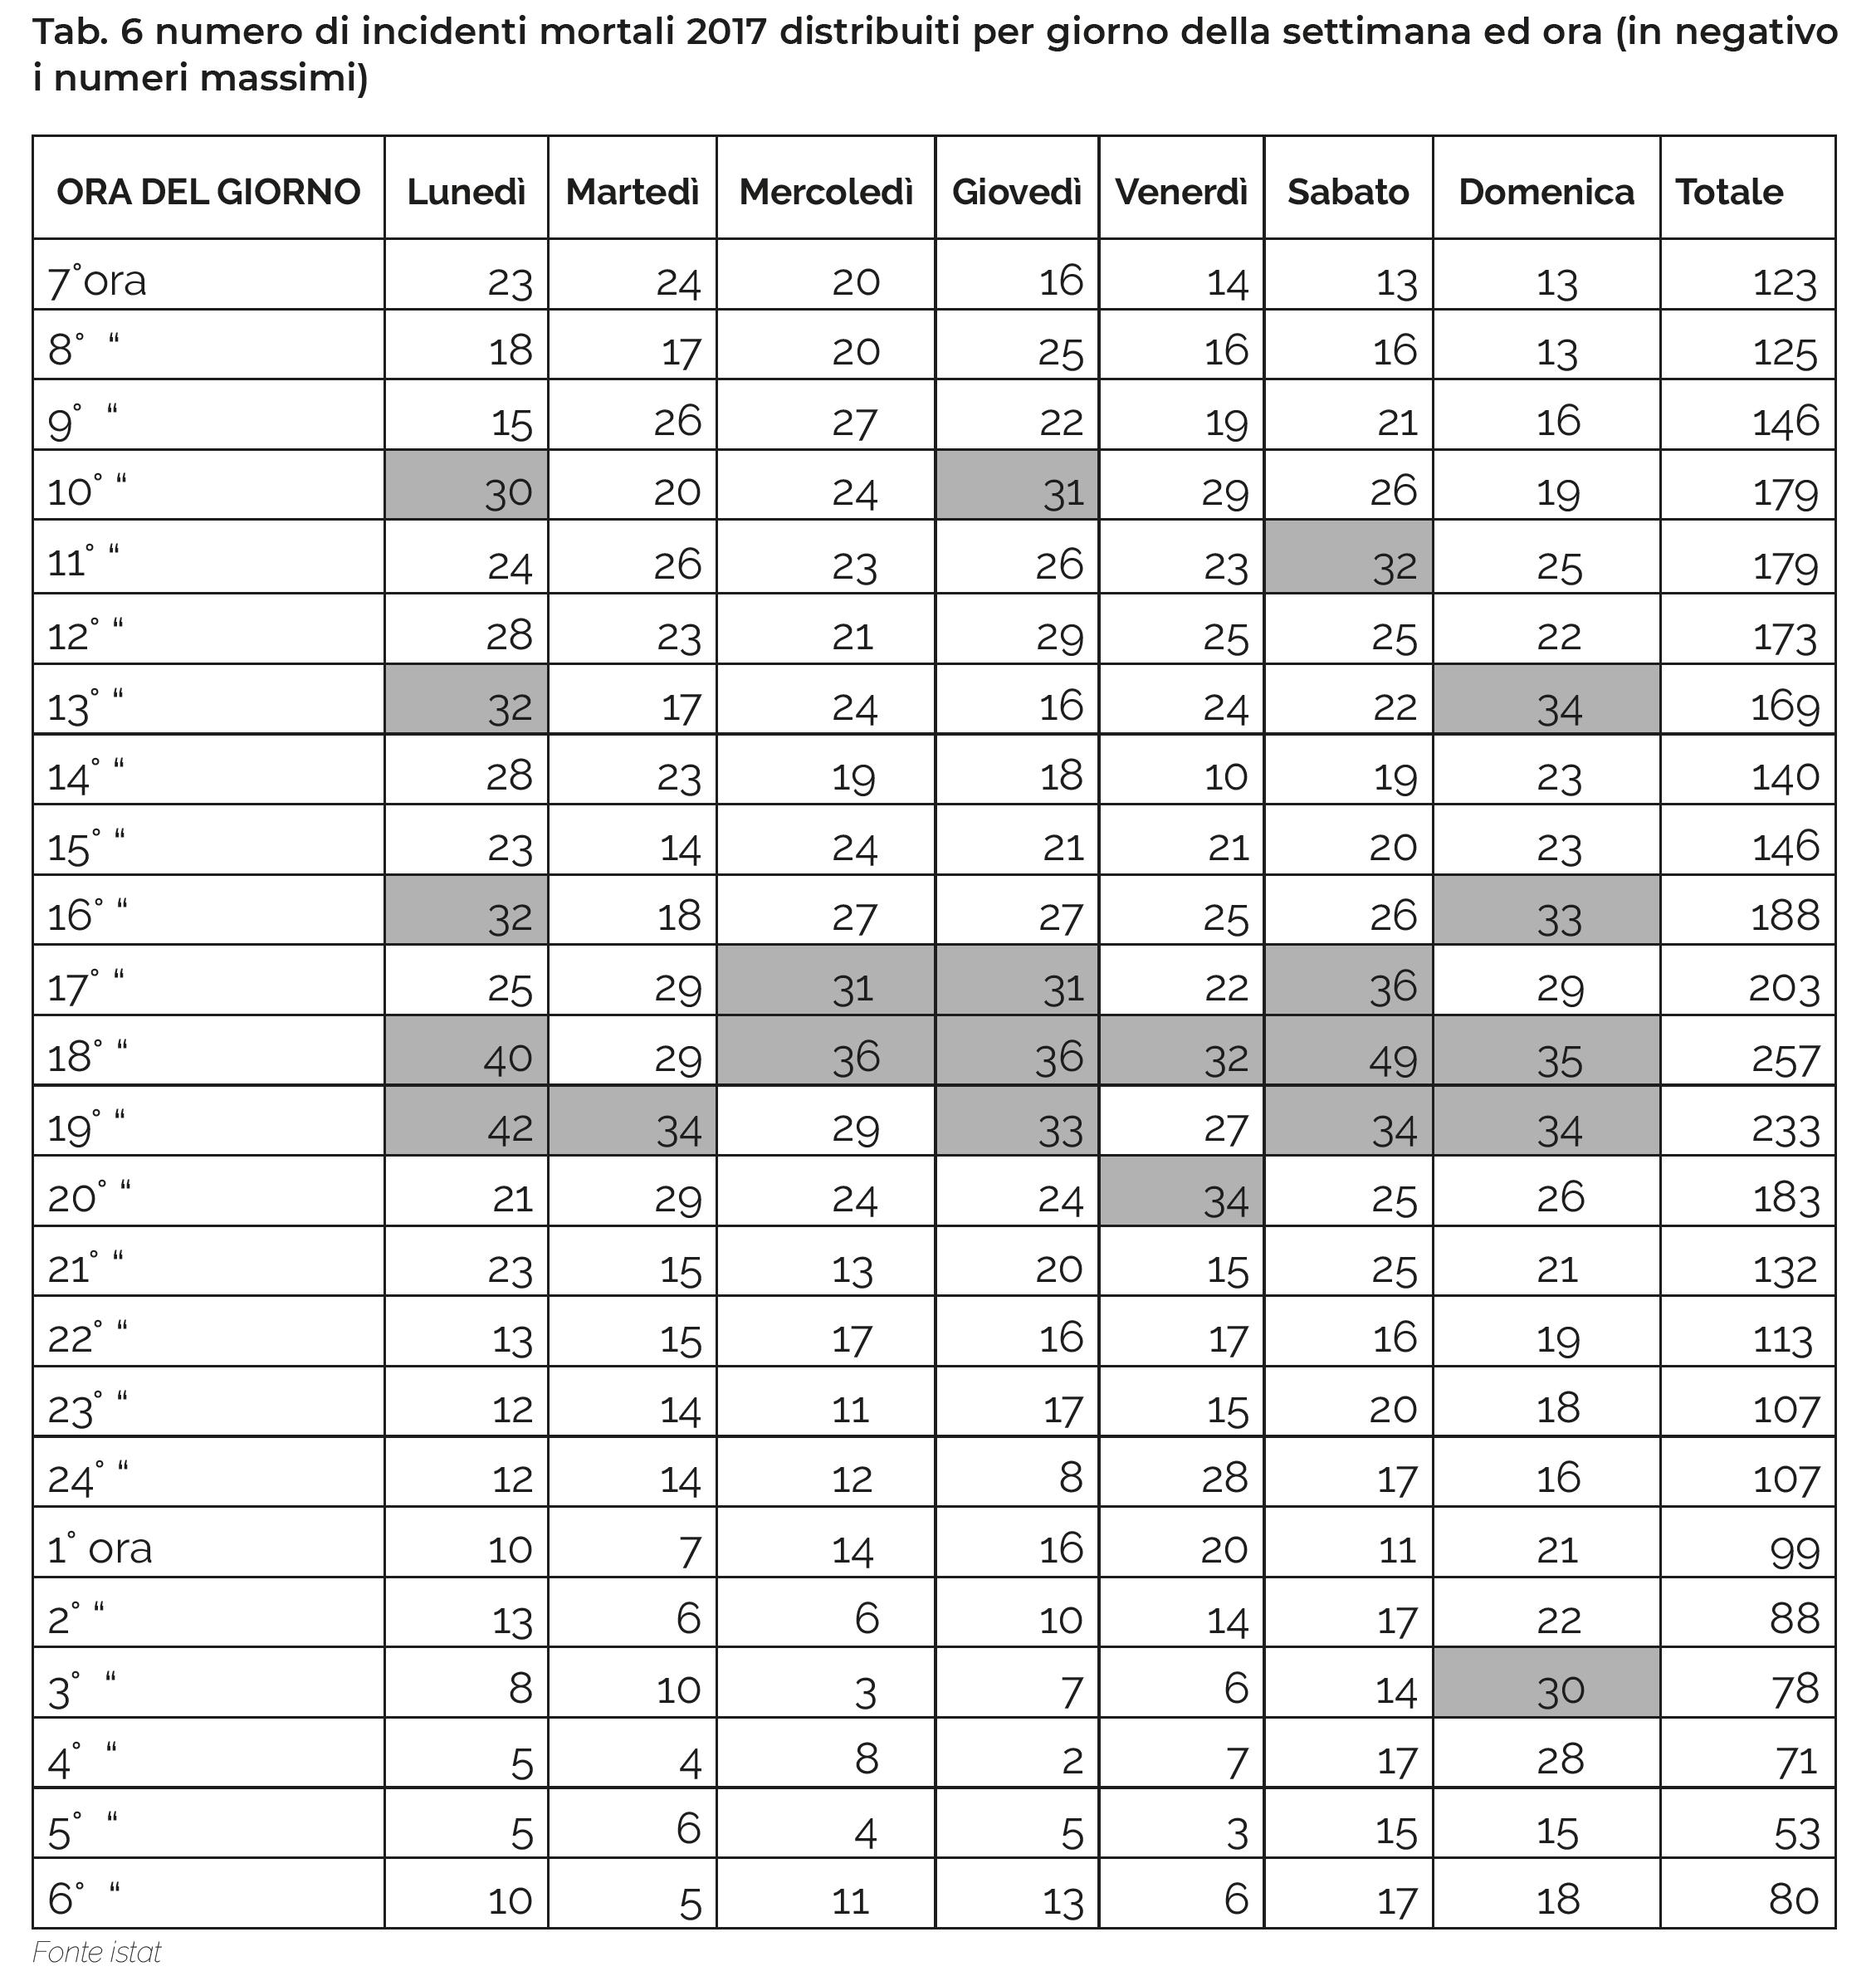 Tab. 6 numero di incidenti mortali 2017 distribuiti per giorno della settimana ed ora (in negativo i numeri massimi)